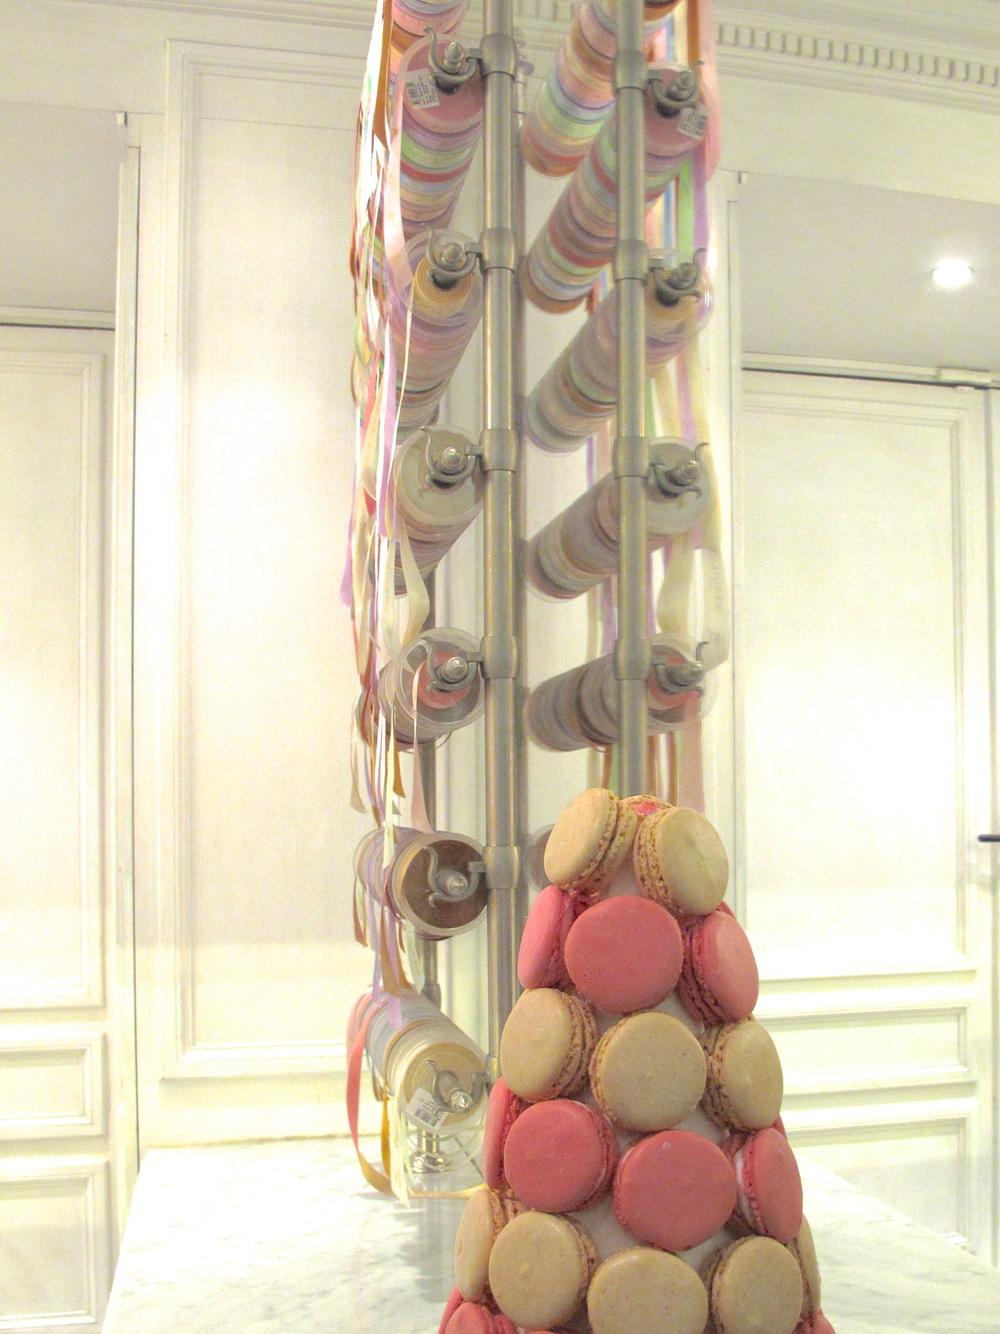 Display of macarons and ribbons at Ladurée, Paris